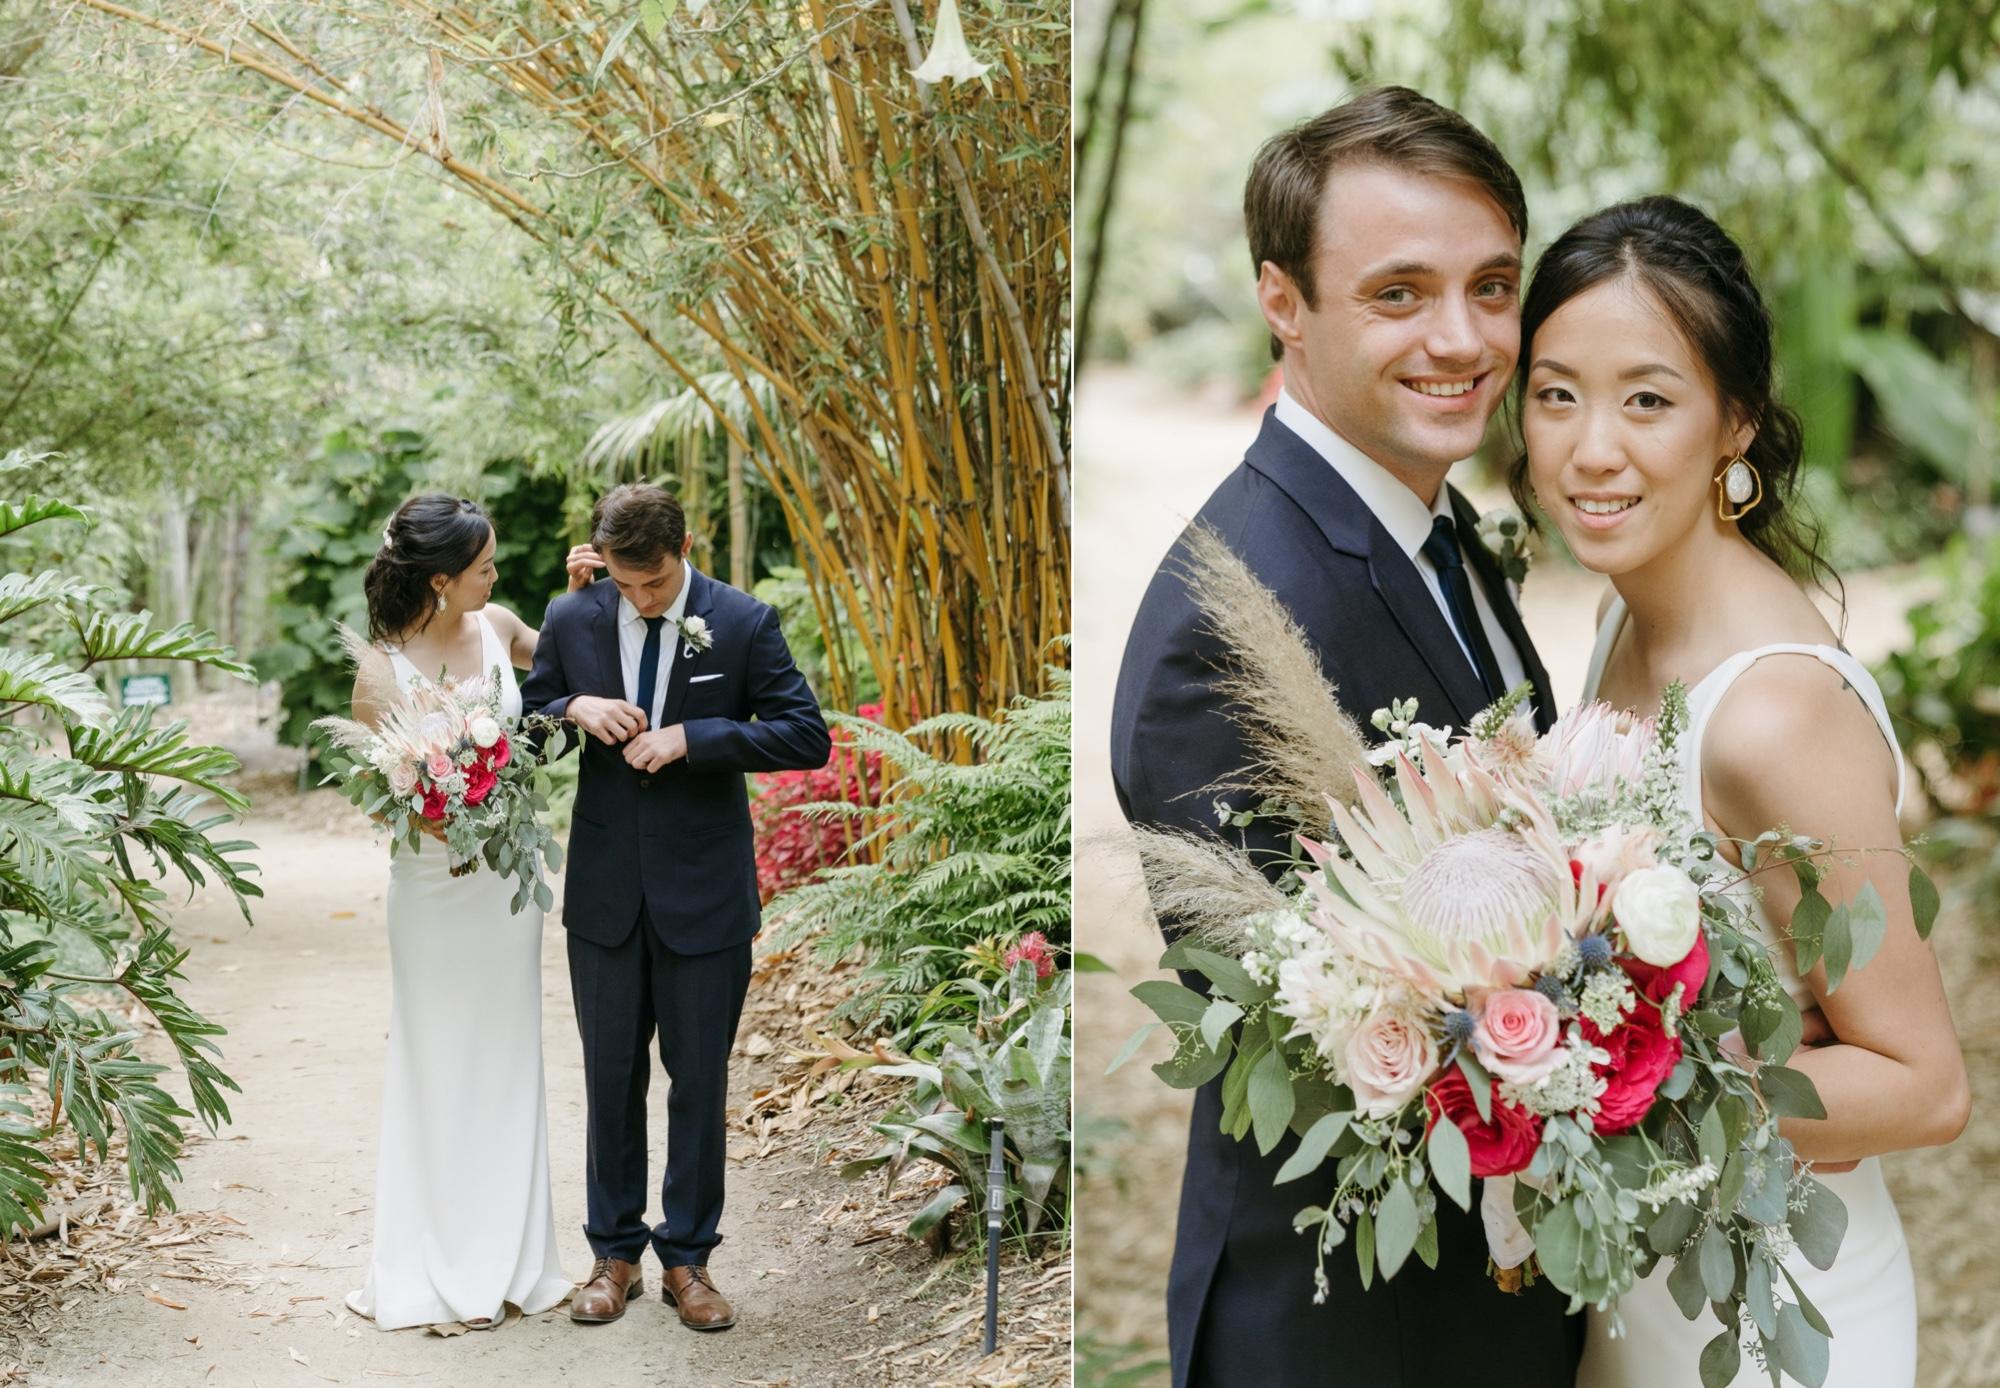 083_Shawna and Steve's Wedding-528_Shawna and Steve's Wedding-517.jpg